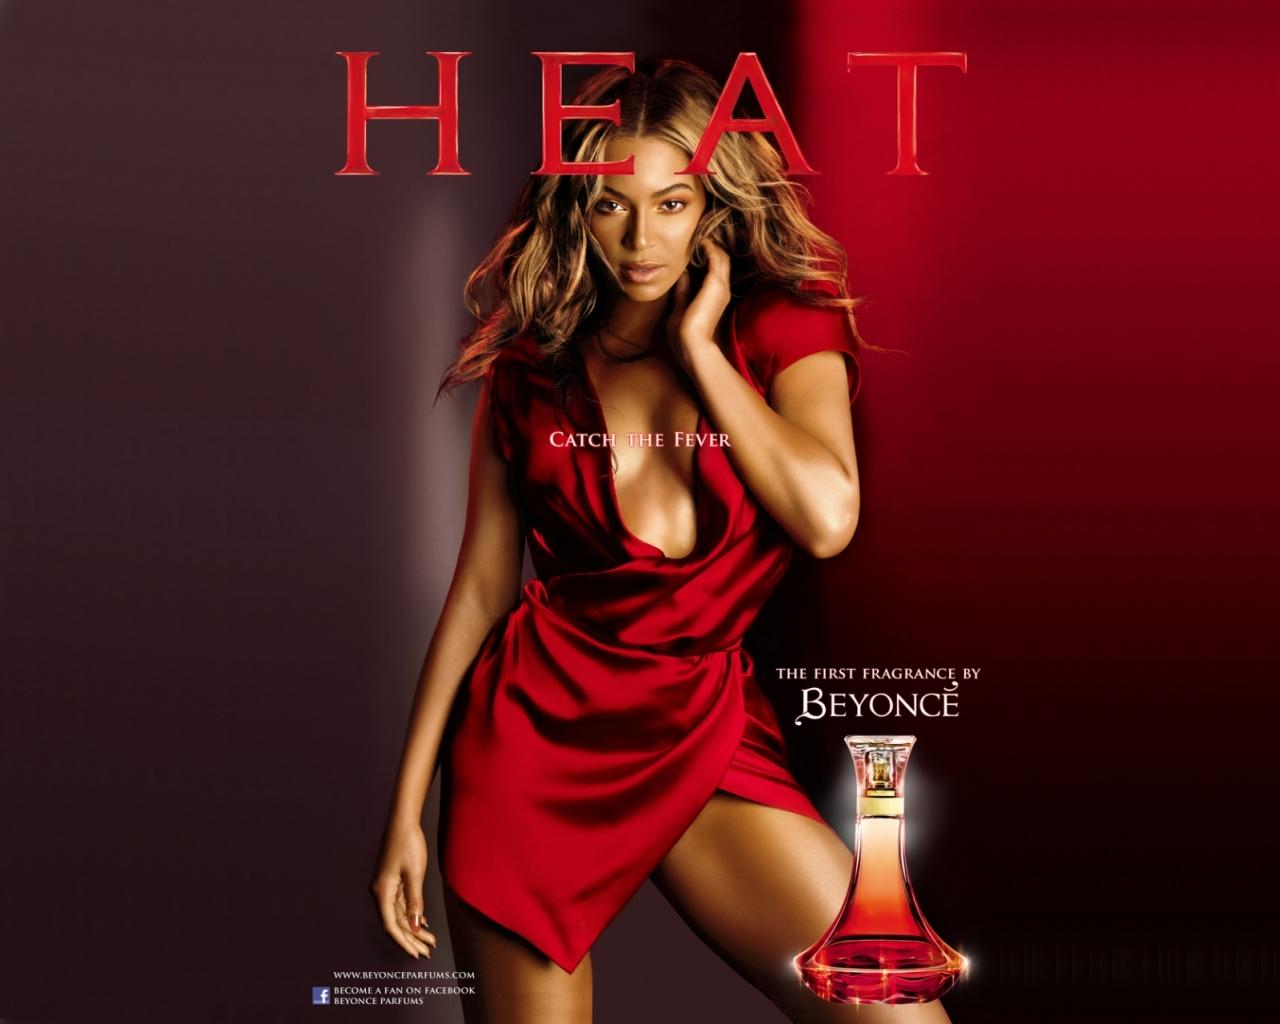 Wallpaper - Beyonce Wallpaper (22205887) - Fanpop